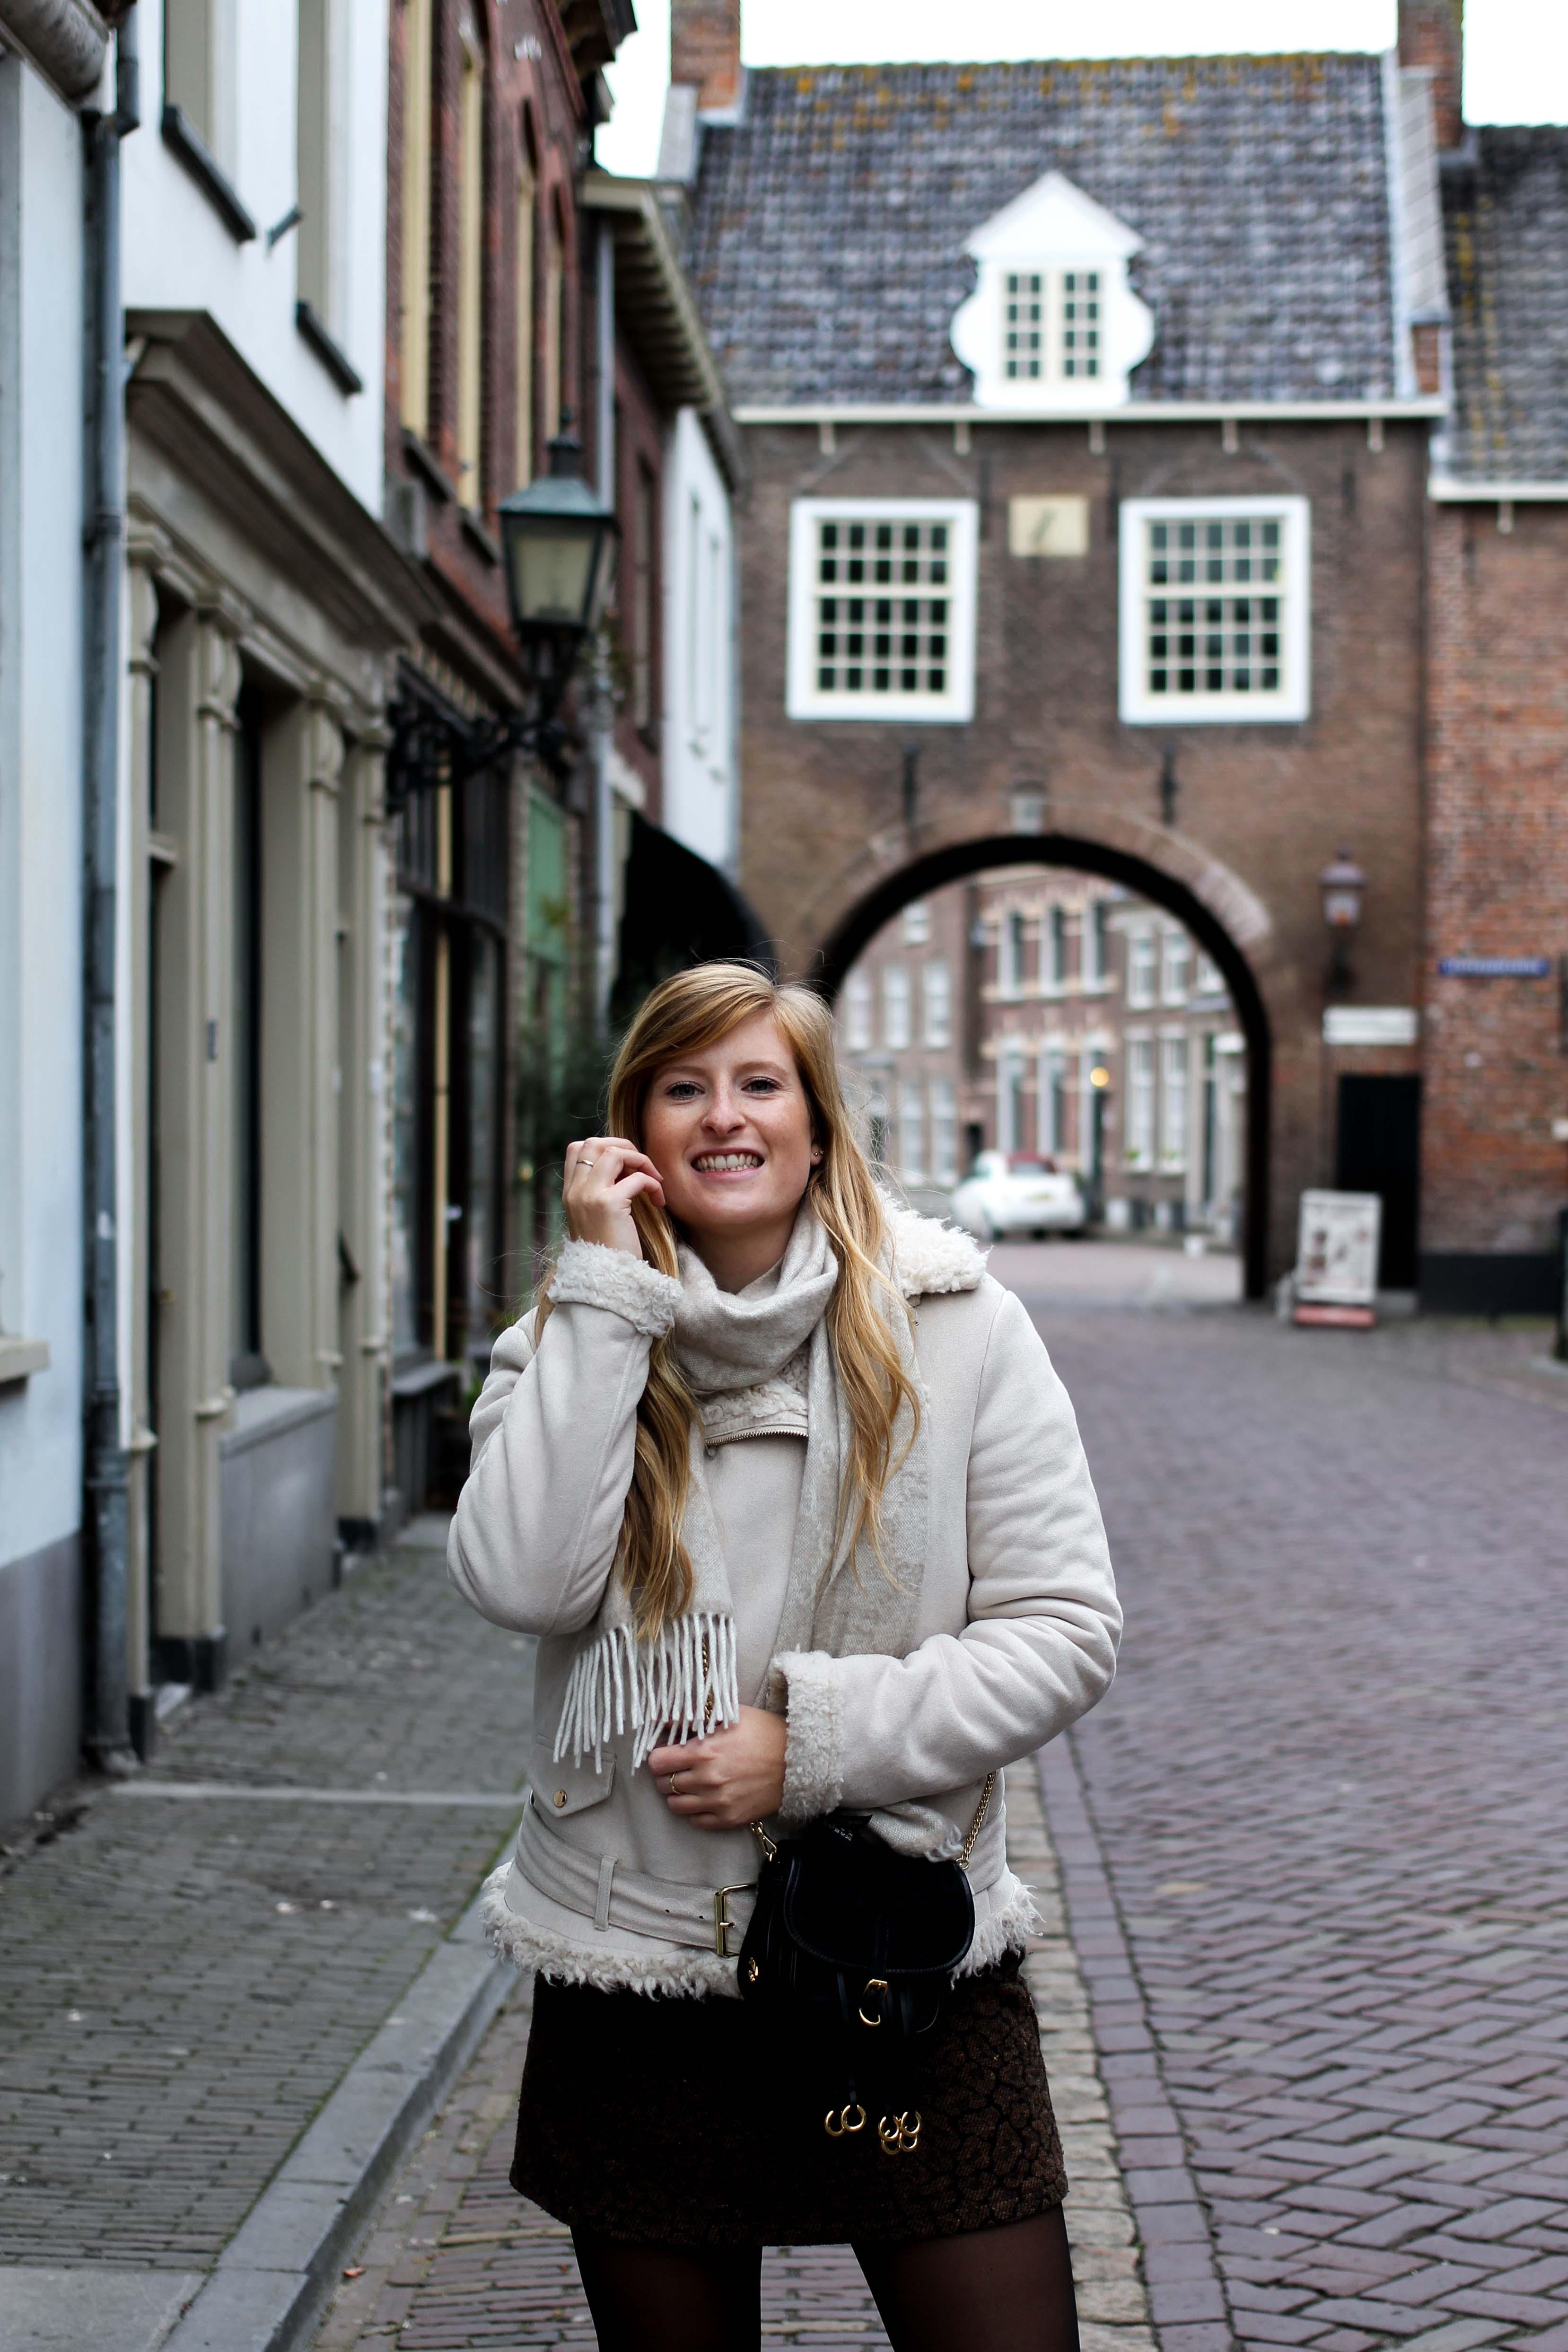 Wochenendtrip Holland Streetstyle Outfit Innenstadt Altstadt das andere Holland Reiseblog Ausflug von Deutschland